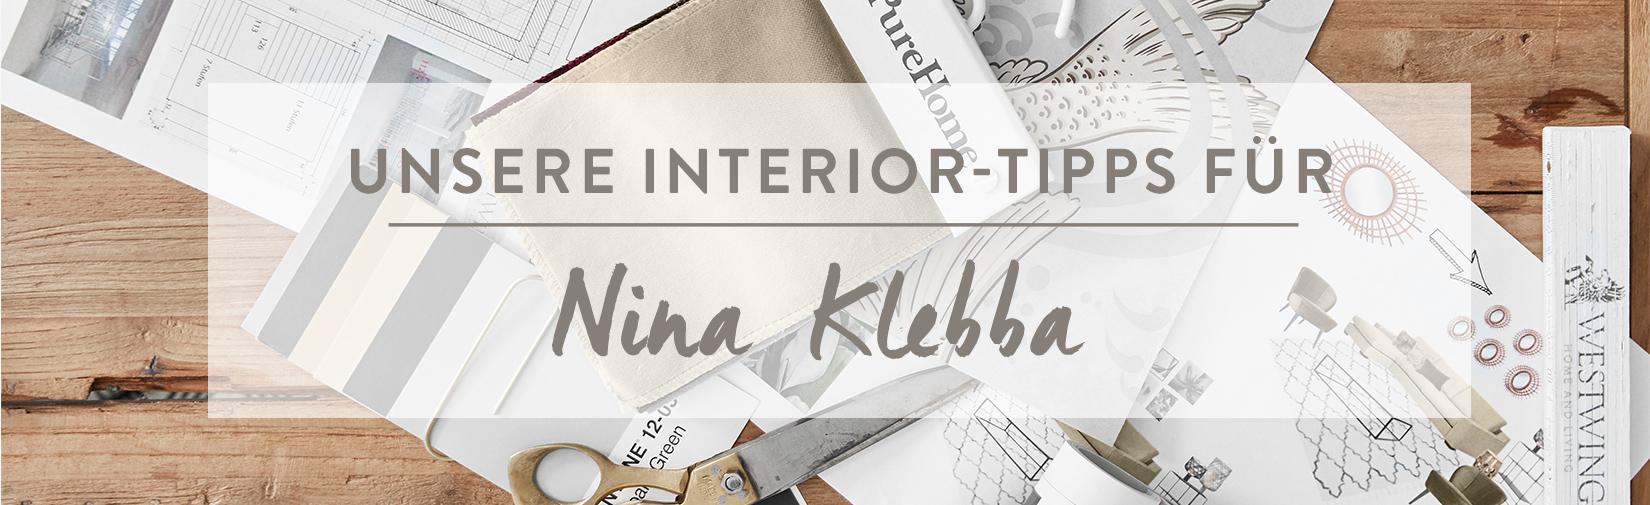 Nina_Klebba_Desktop